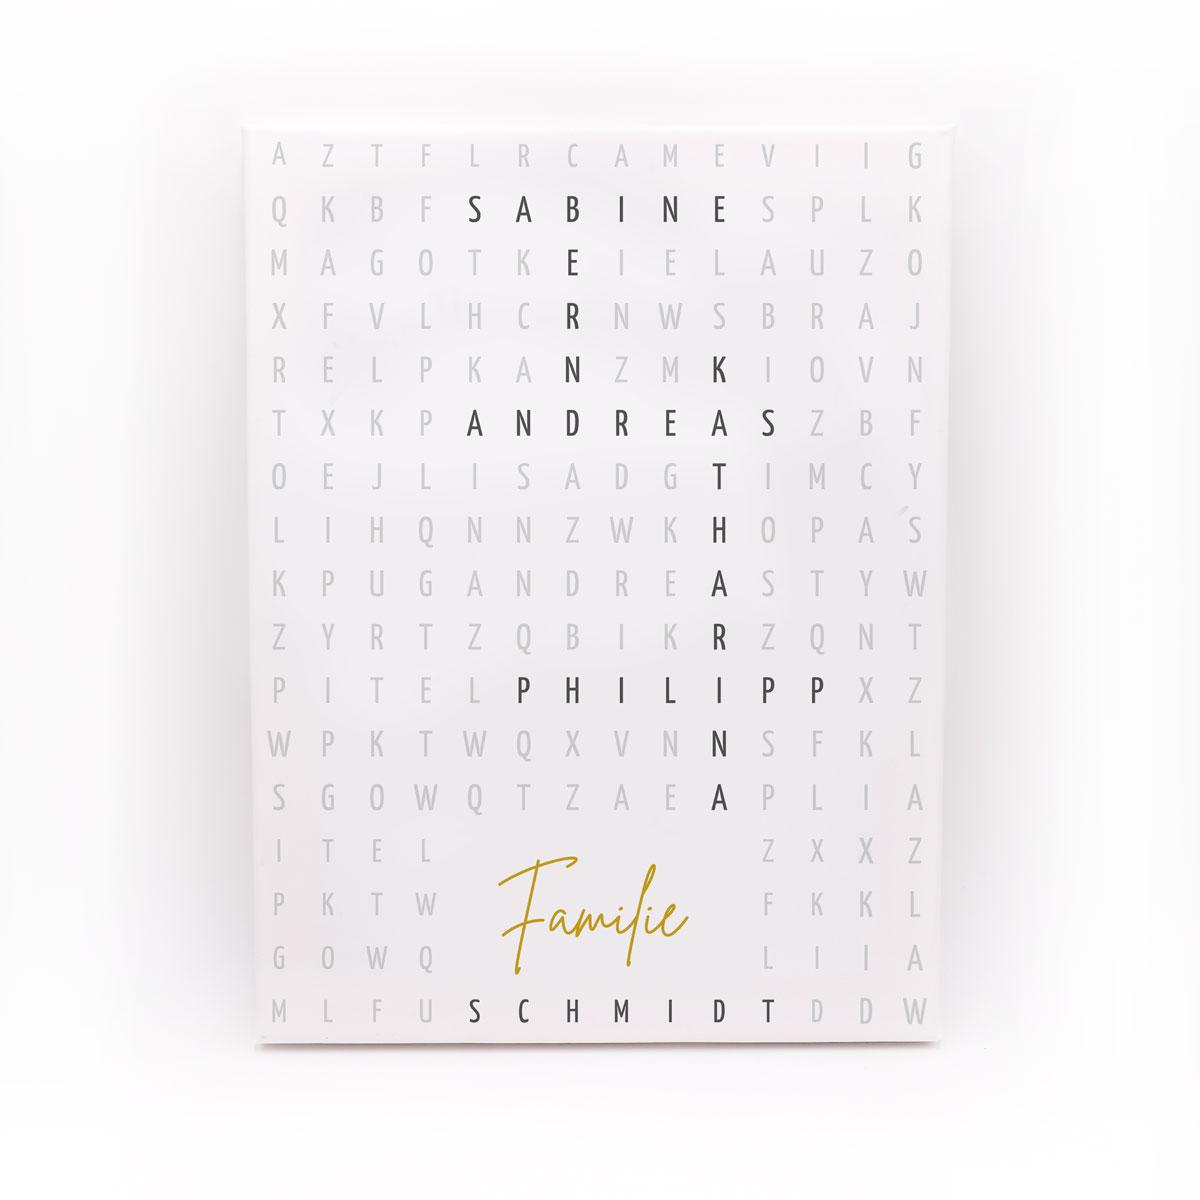 """Personalisierte Leinwand """"Kreuzworträtsel"""" mit den Namen deiner Familie - geeignet als Geburtstagsgeschenk oder Familiengeschenk"""